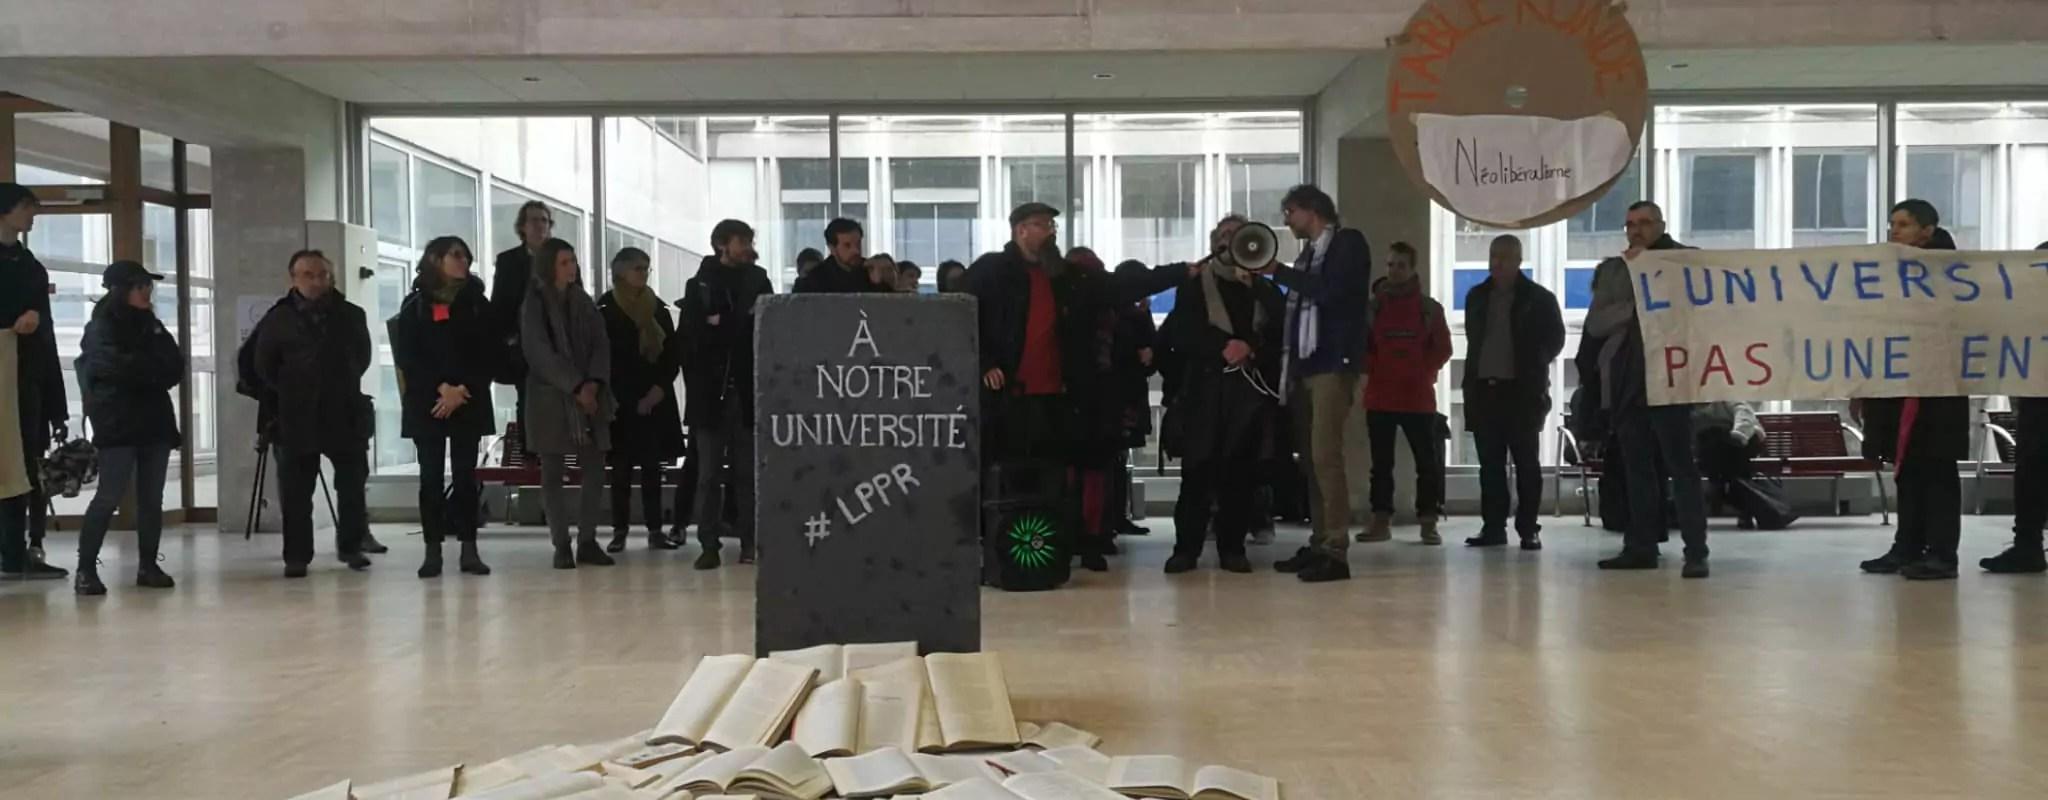 À l'Université de Strasbourg, une mobilisation contre la recherche par à-coups